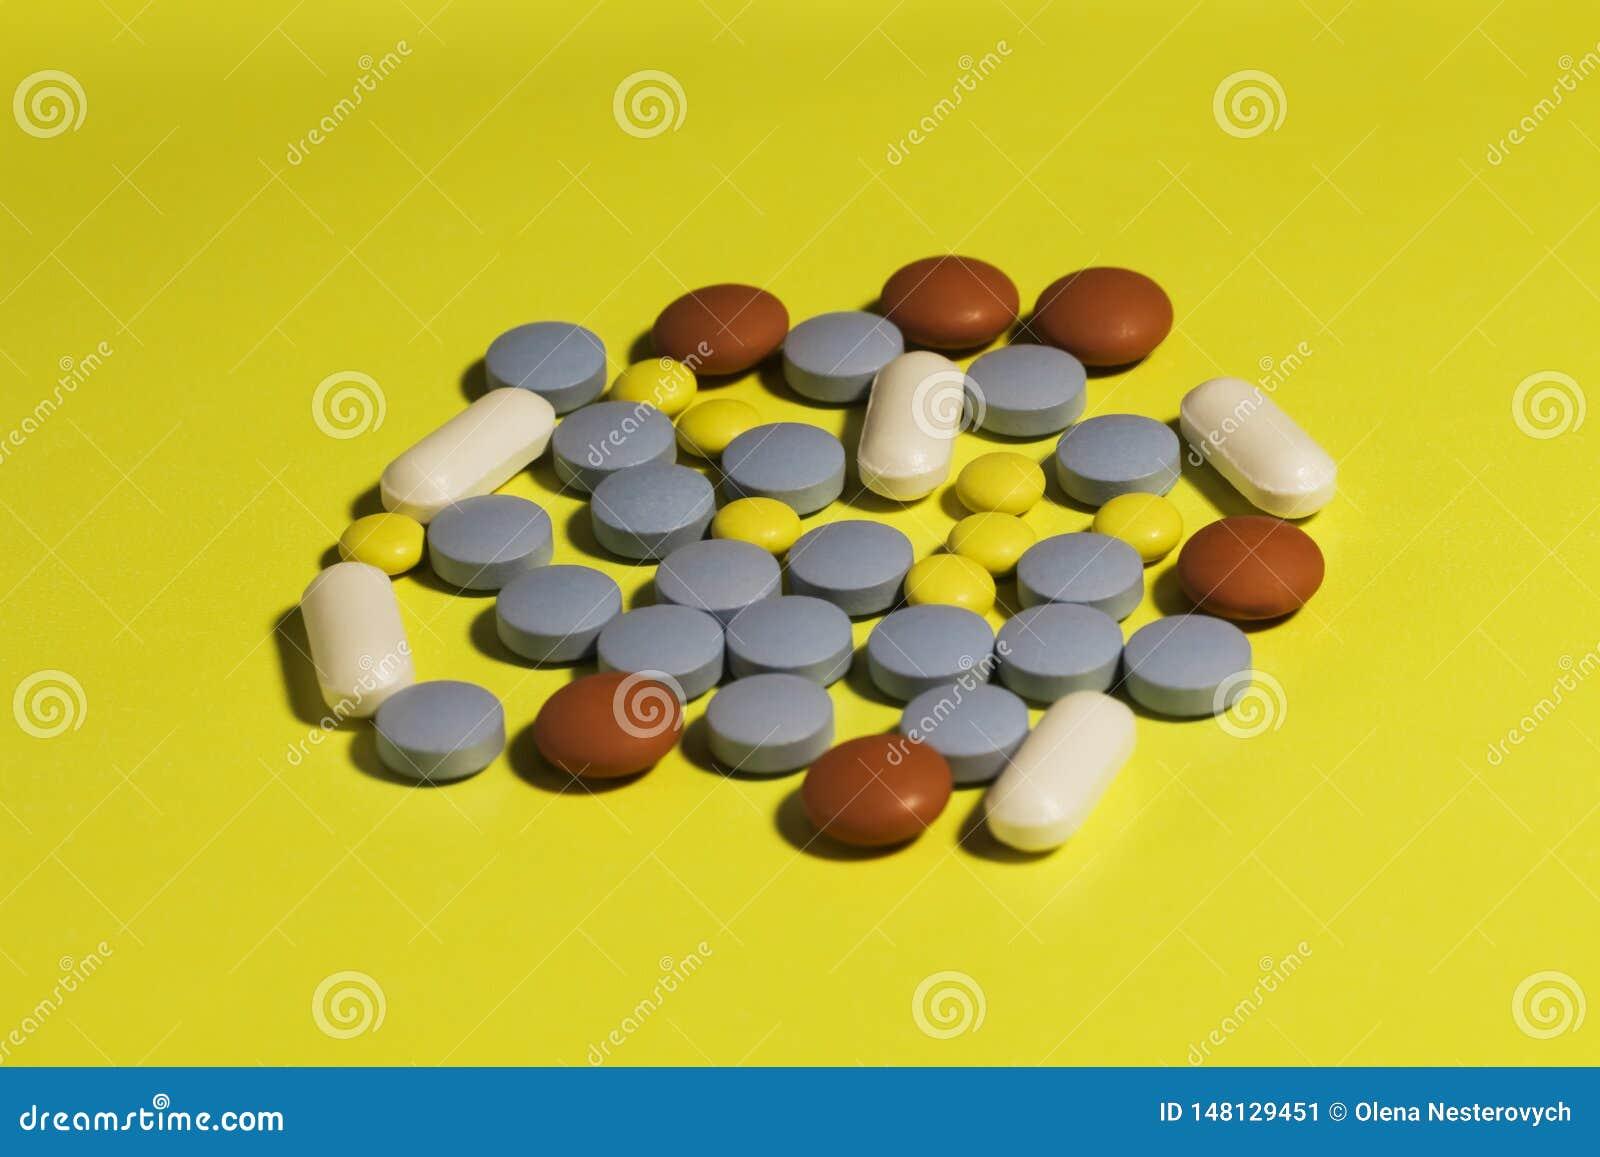 Παραλήπτης της ιατρικής και πολλά χάπια που απομονώνονται στο κίτρινο υπόβαθρο, έννοια της υγείας